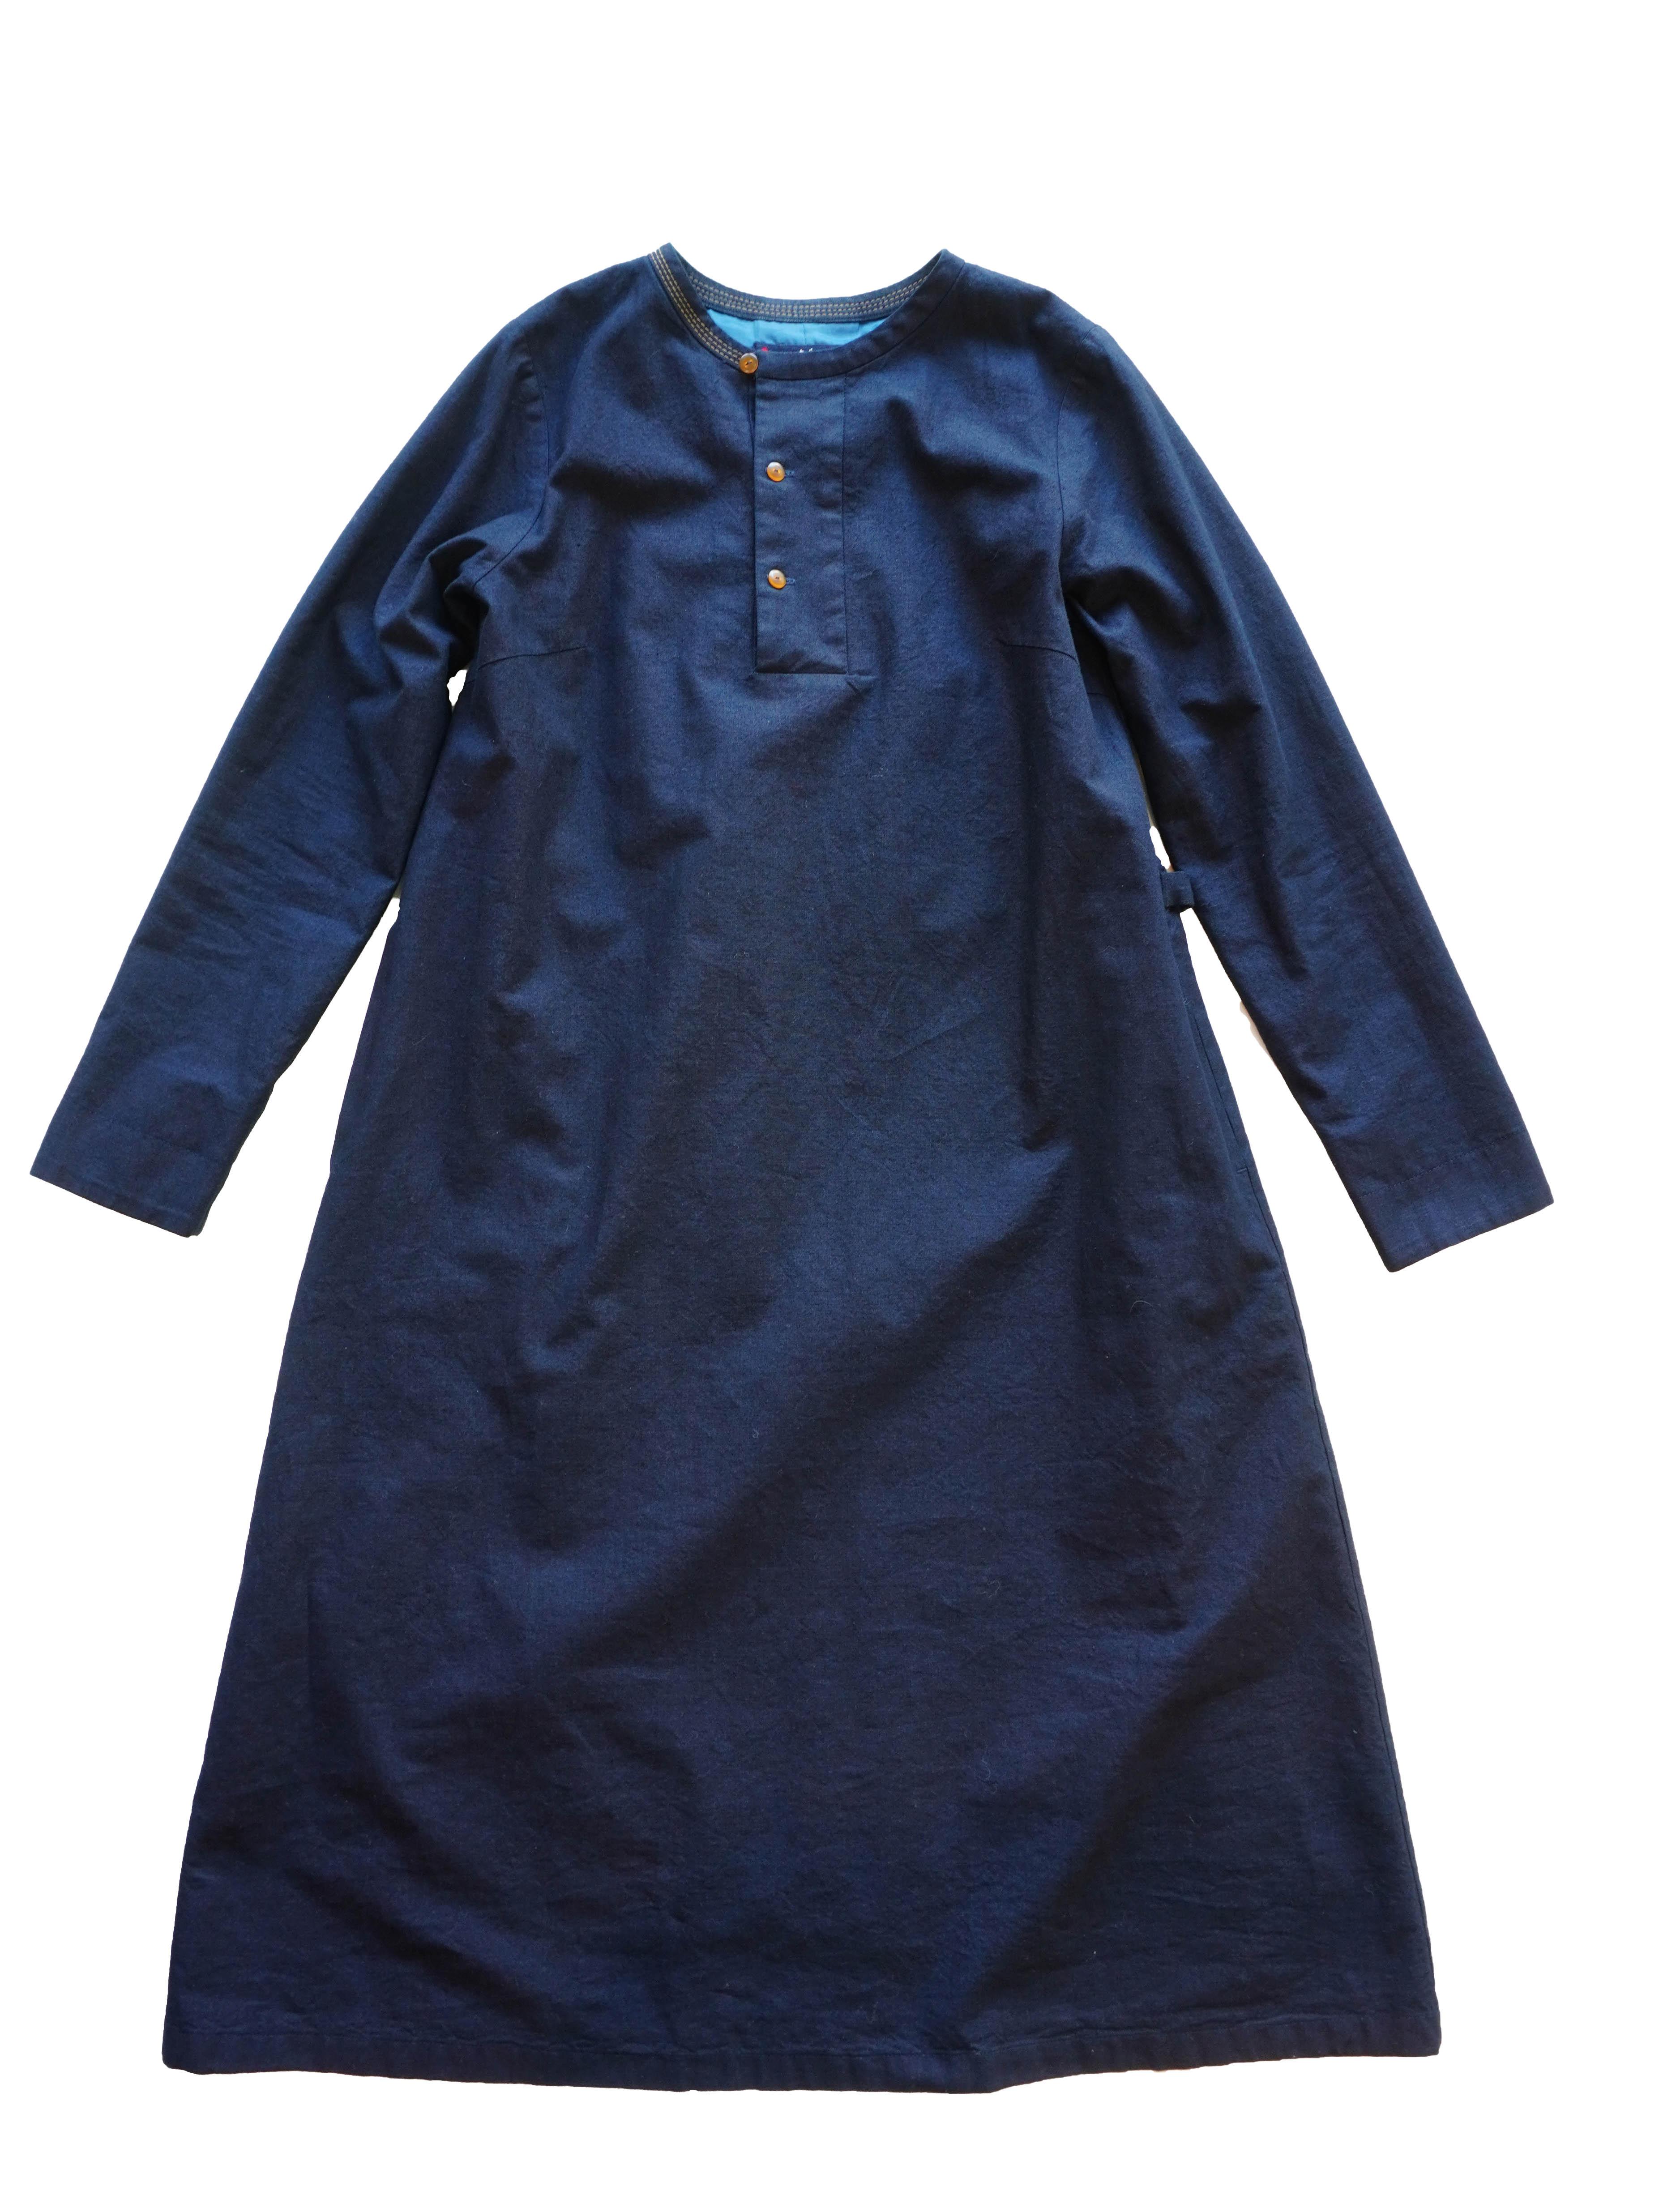 インディゴ平織りクルー衿ワンピース